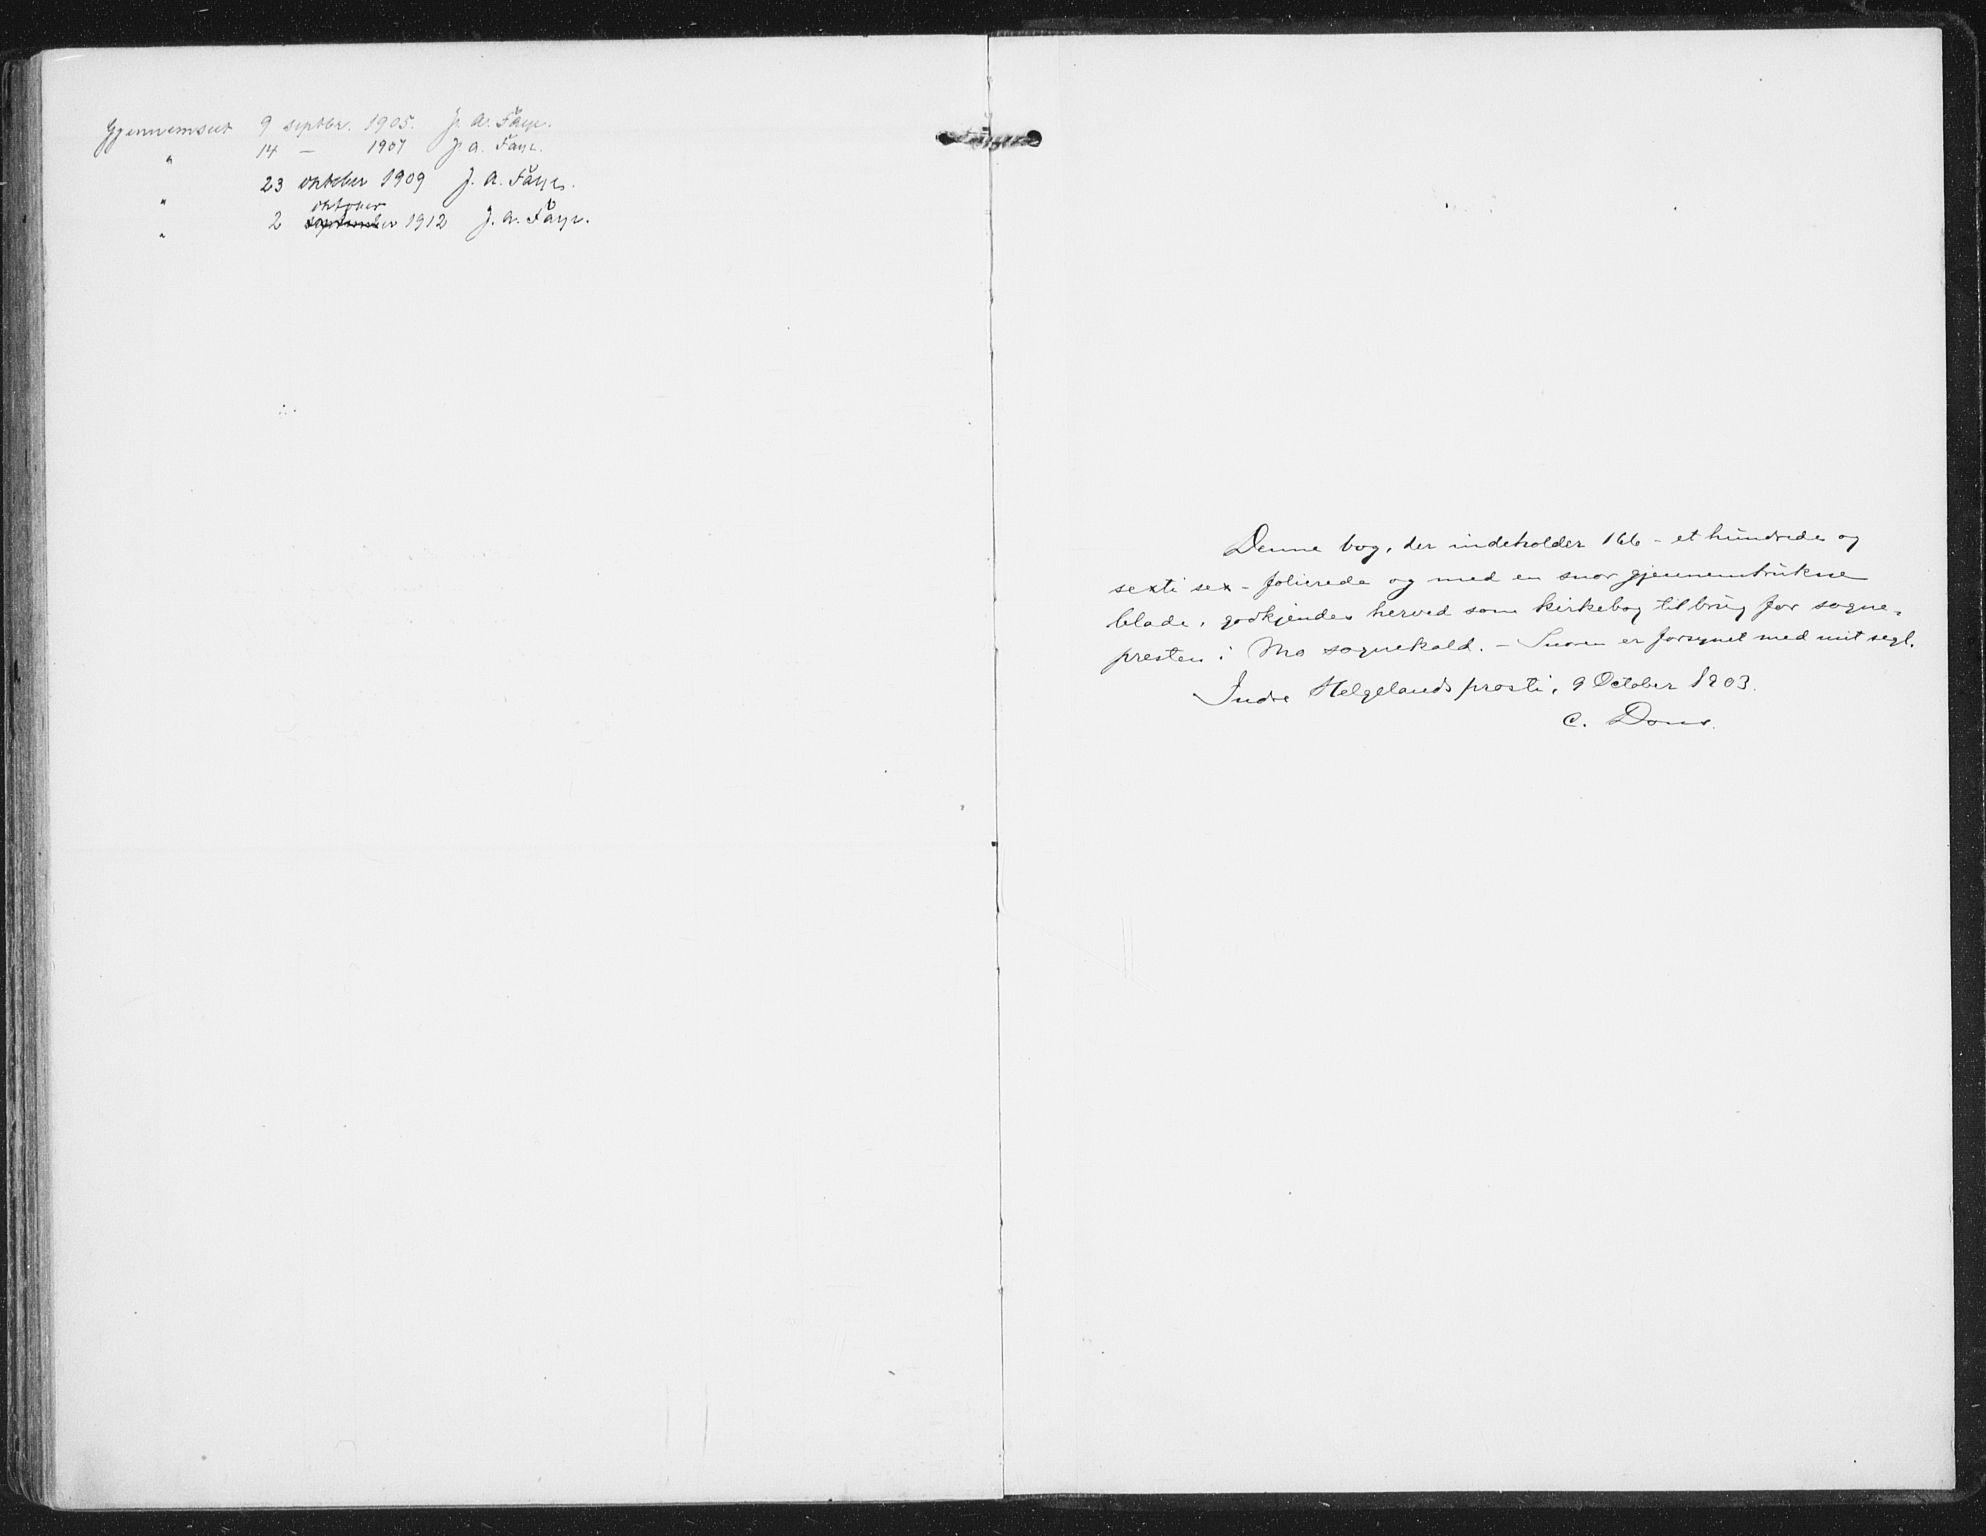 SAT, Ministerialprotokoller, klokkerbøker og fødselsregistre - Nordland, 827/L0402: Parish register (official) no. 827A14, 1903-1912